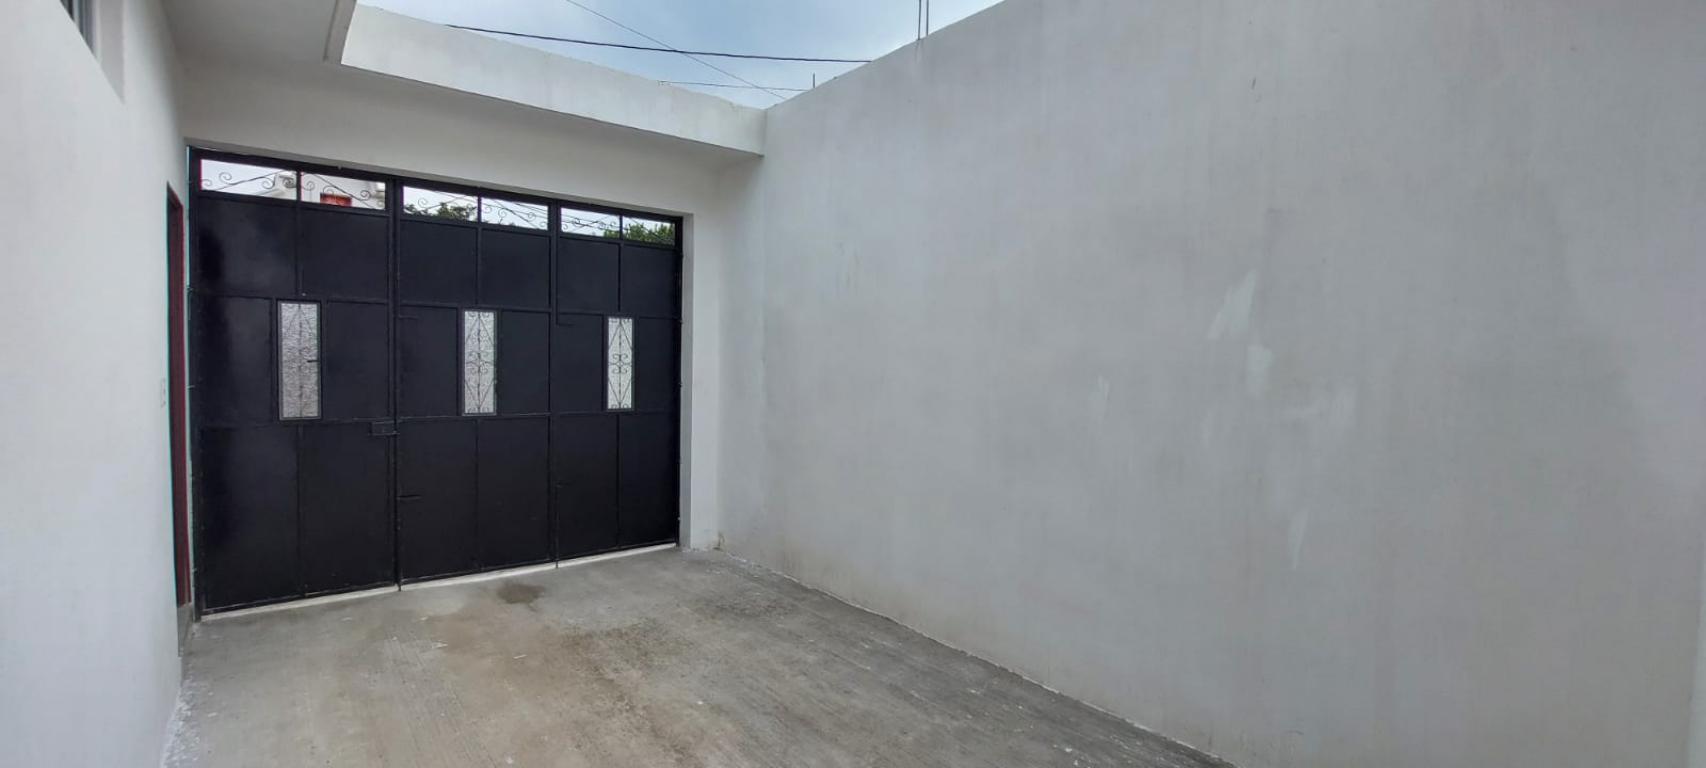 CityMax Antigua renta casa independiente en Jocotenango Sacatepéquez